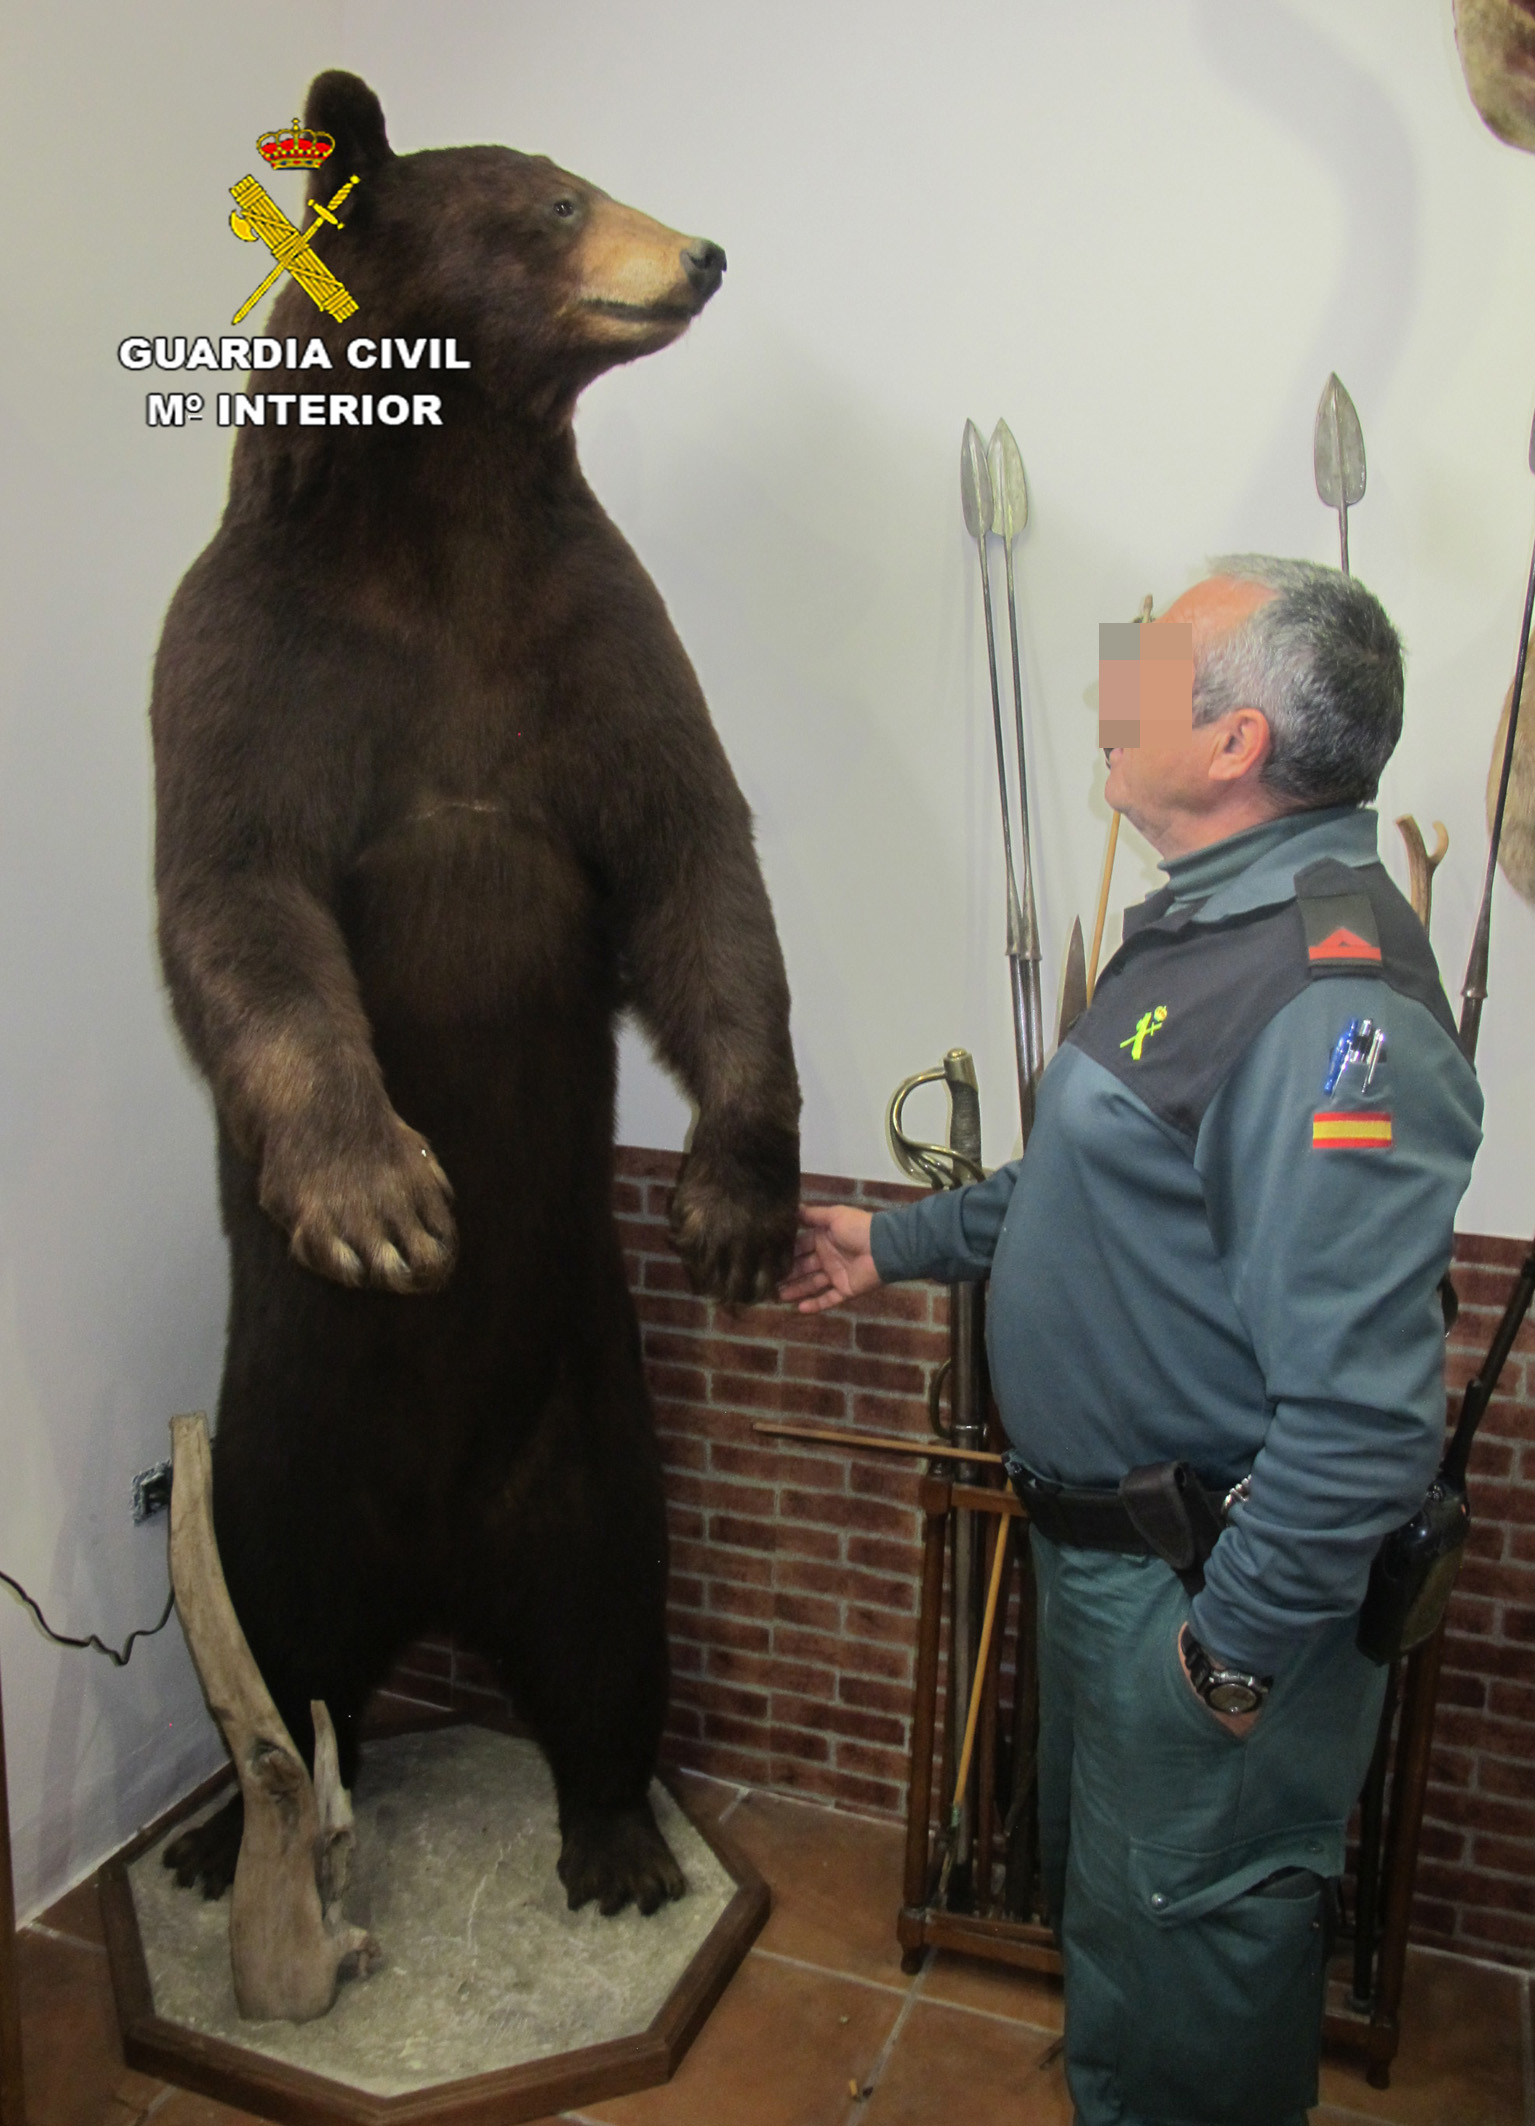 Un agente contempla un oso naturalizado. Imagen: Seprona